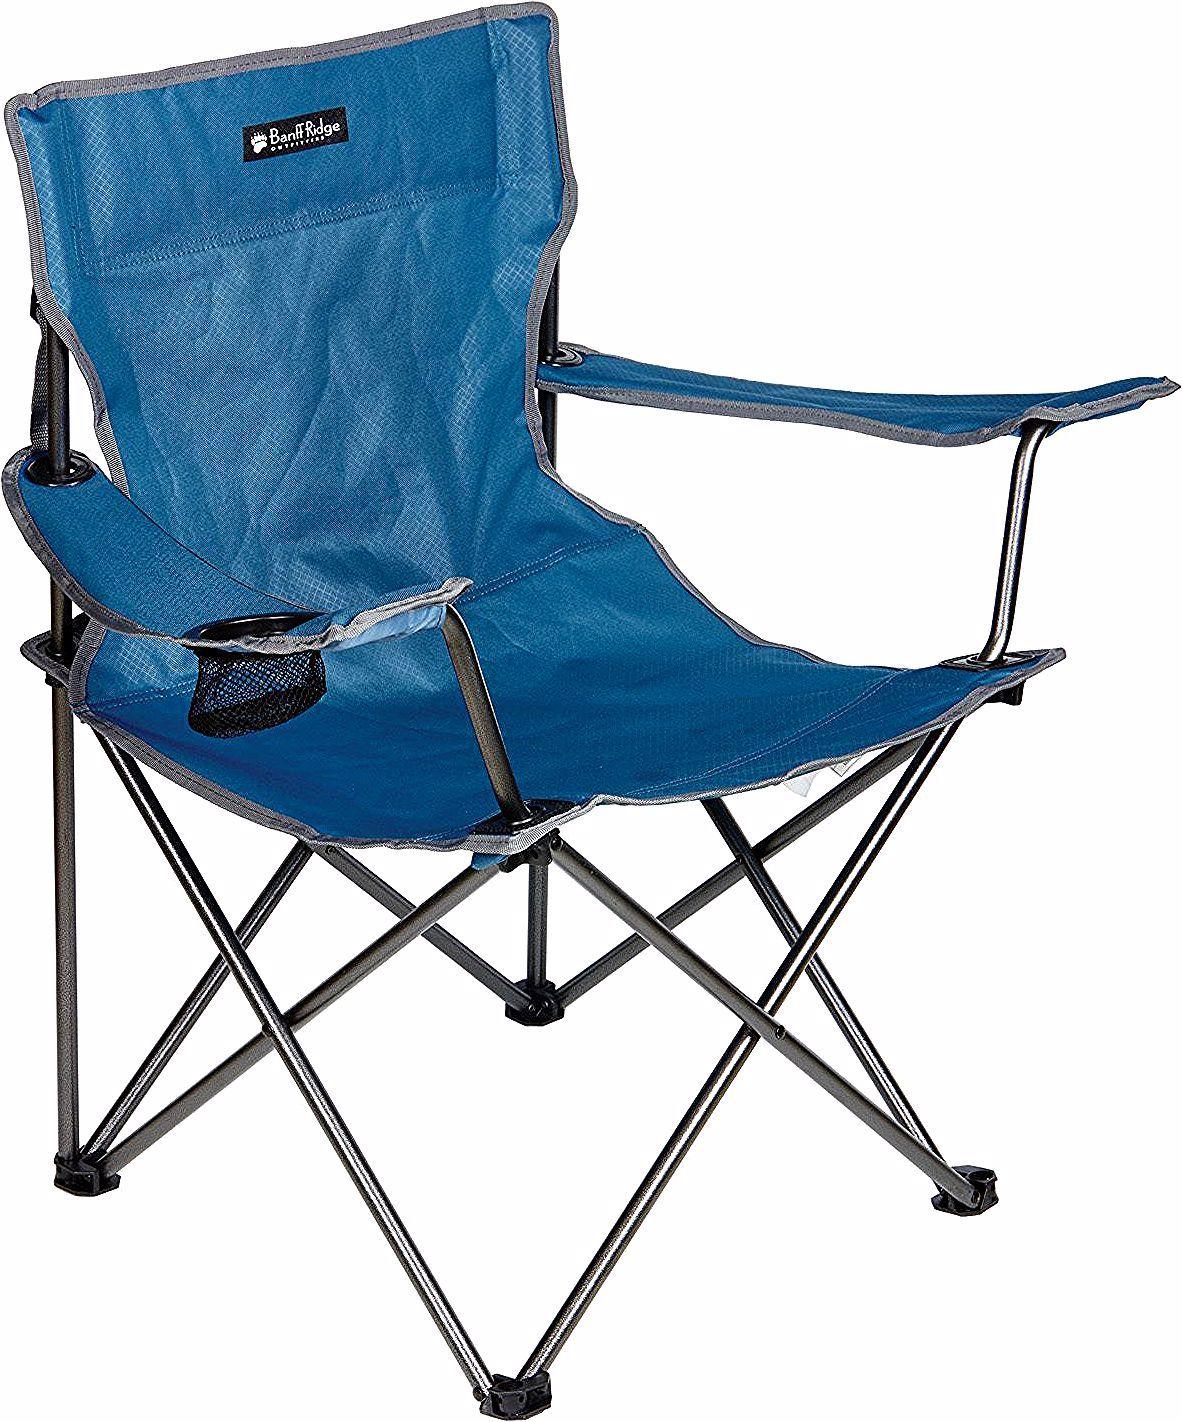 Pioneer Chaise De Camping Pliante In 2020 Folding Chair Folding Camping Chairs Camping Chairs